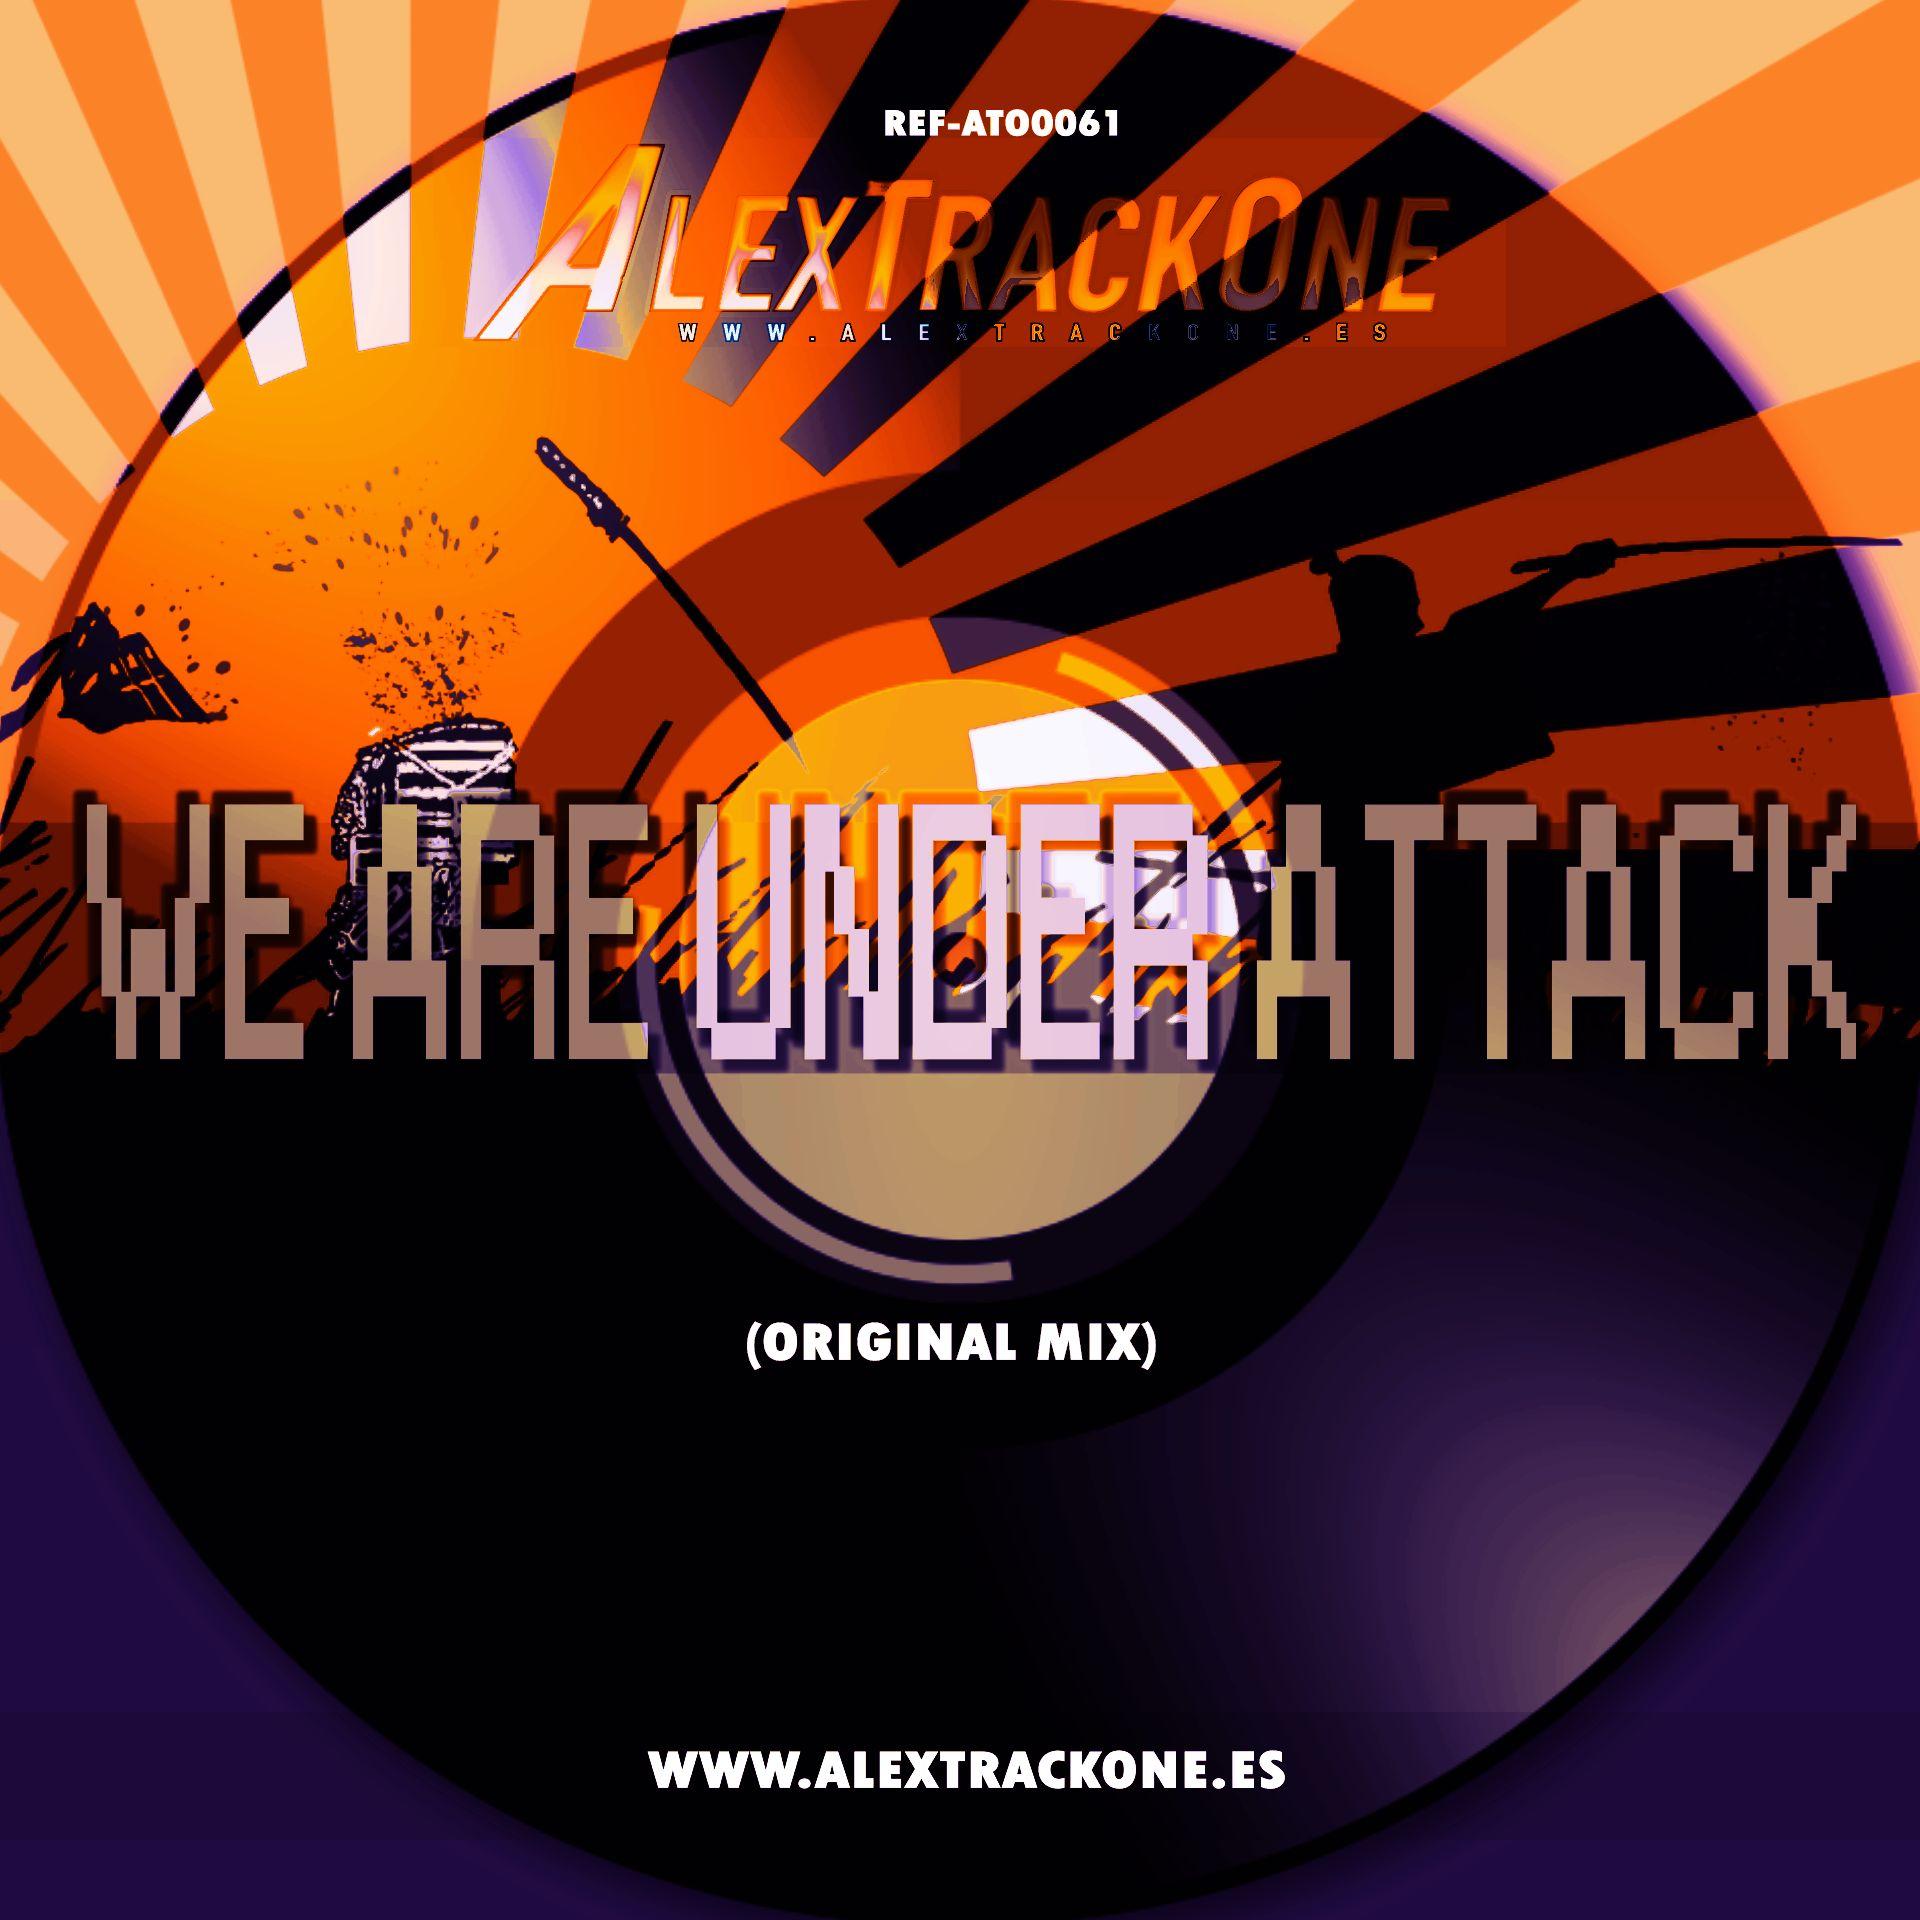 REF-ATO0061 WE ARE UNDER ATTACK (ORIGINAL MIX) (MP3 & WAV & FLAC)